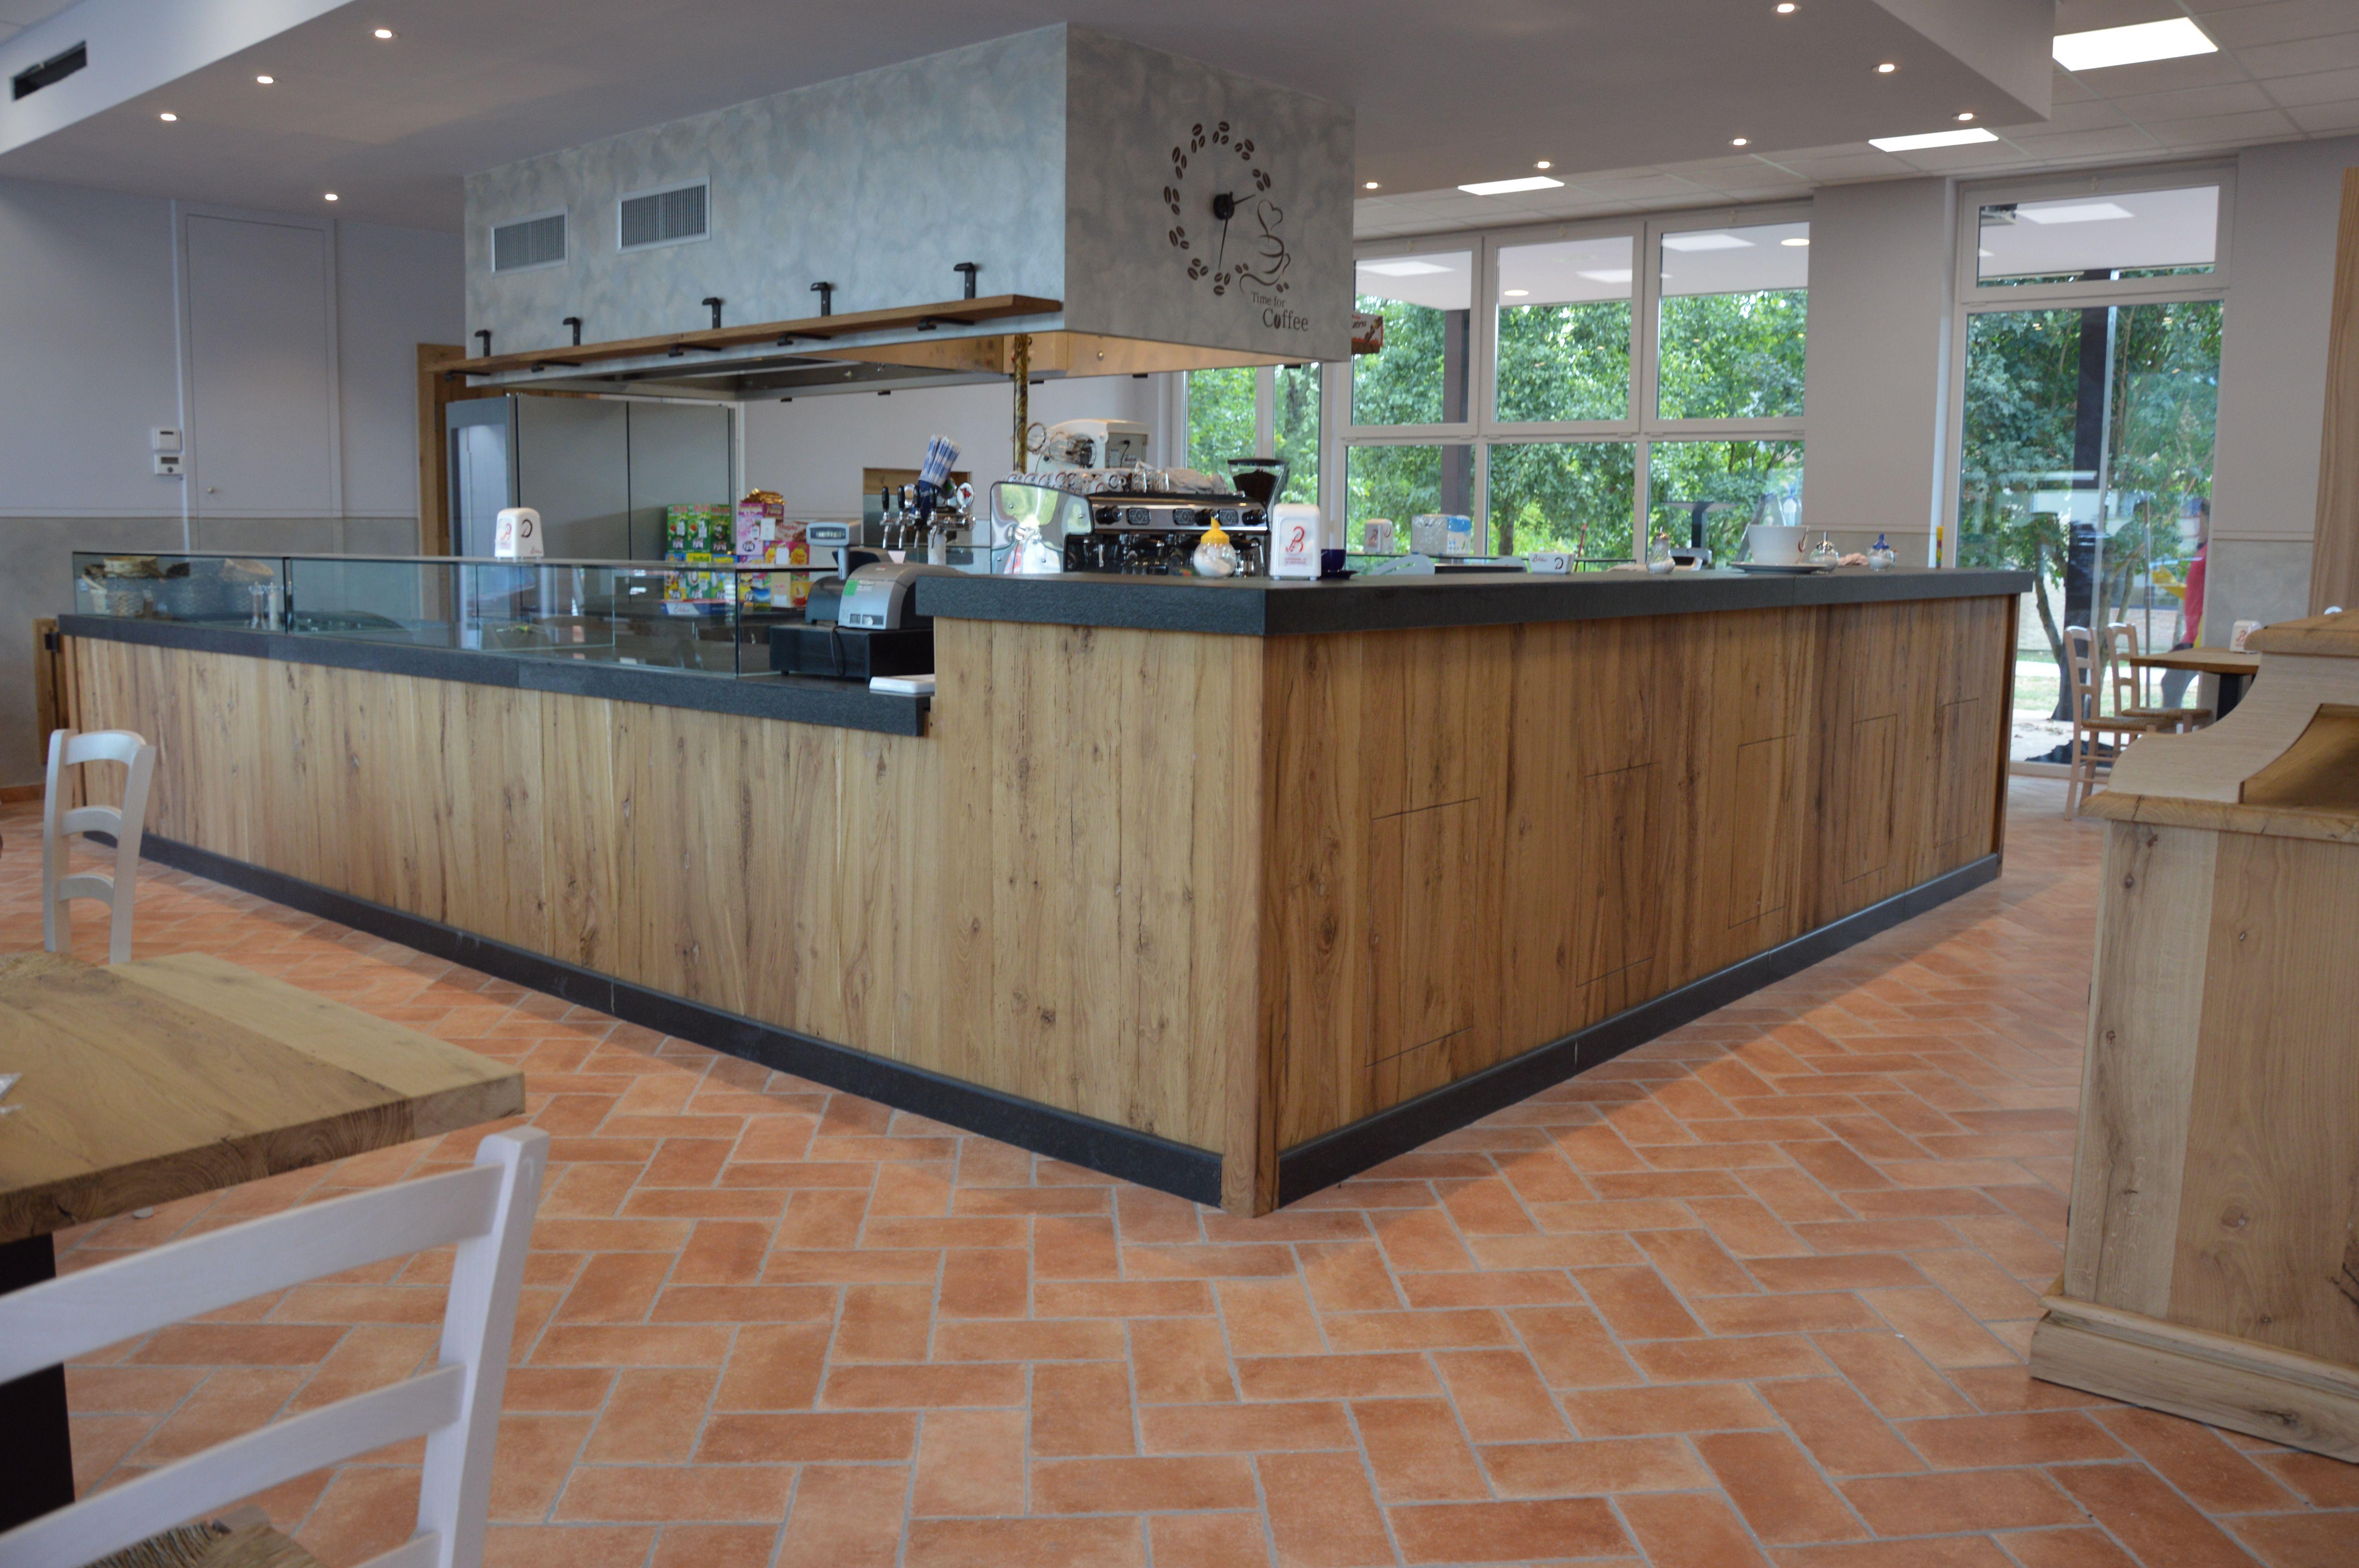 Falegnameria bensi banco bar ristorante in rovere antico for Ikea bancone bar